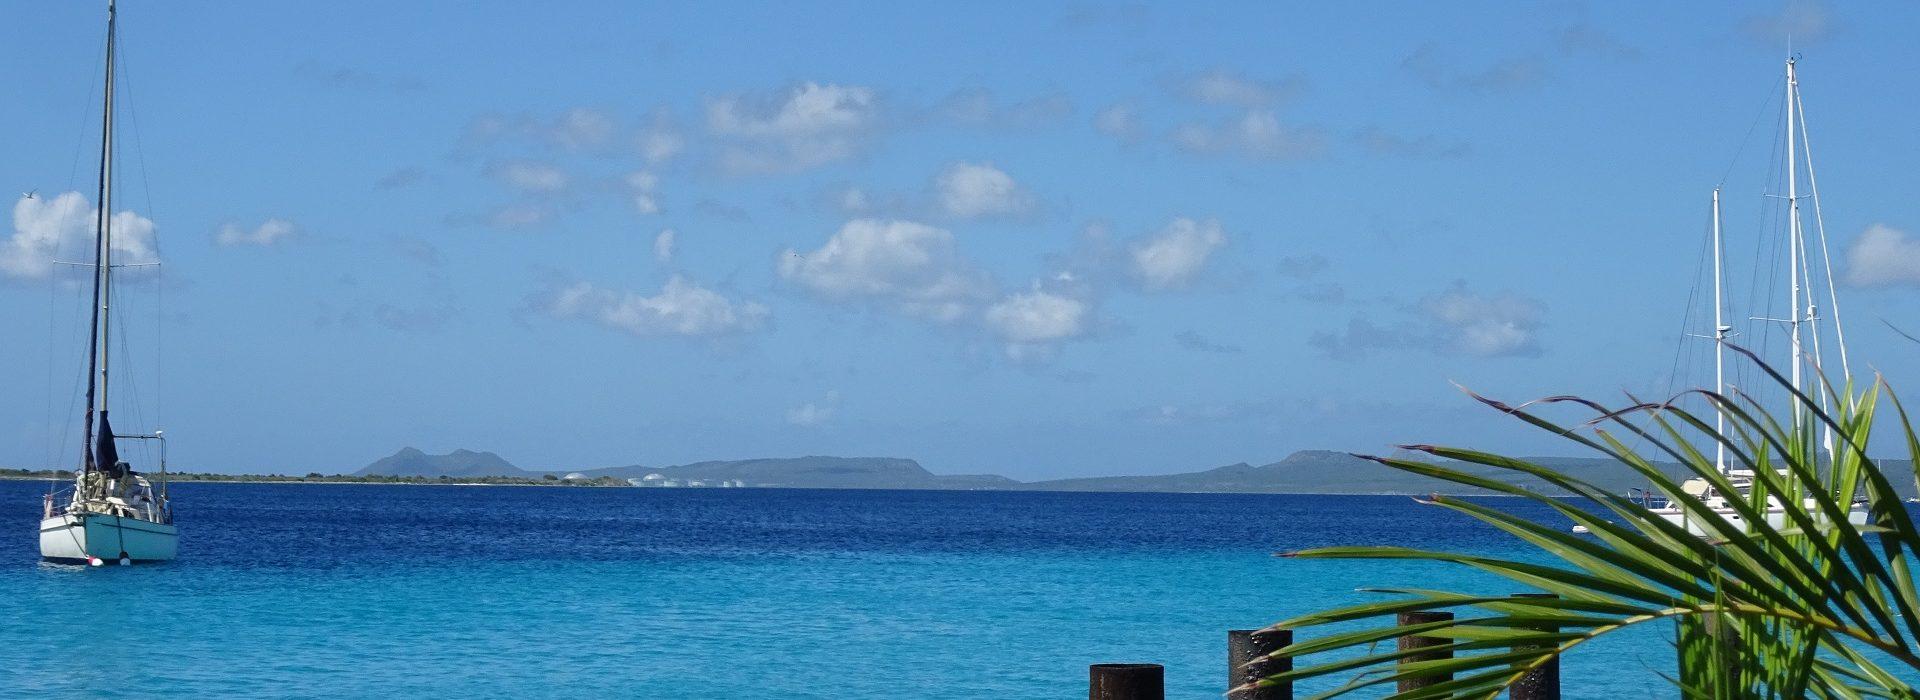 Karibik Segelschiff